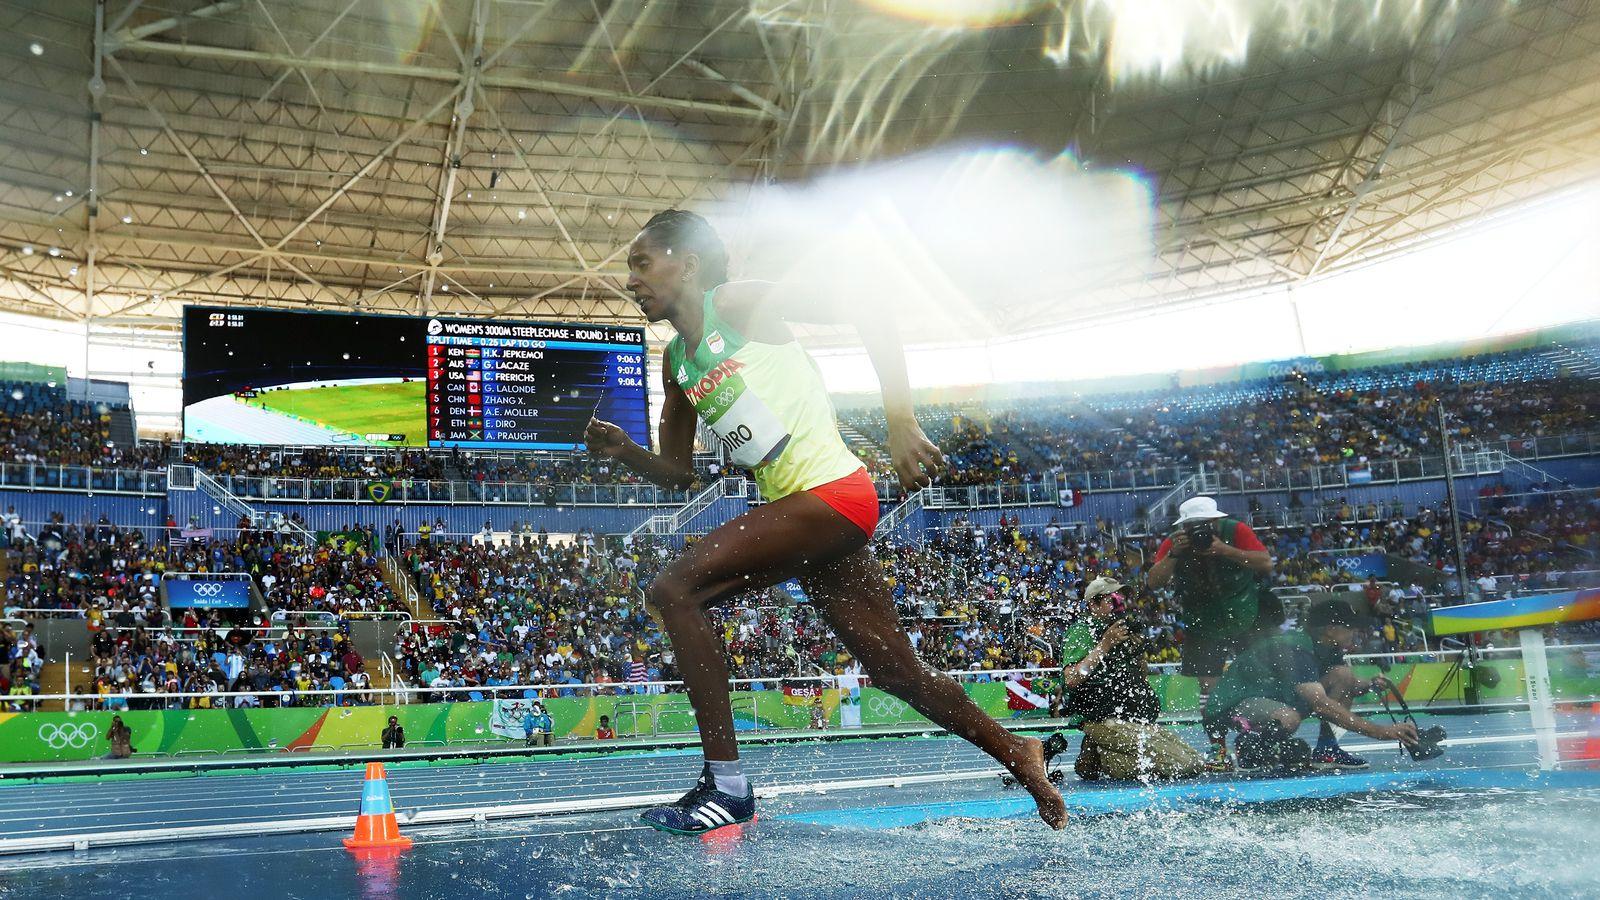 奥运选手在比赛中失去一双鞋后拒绝退出